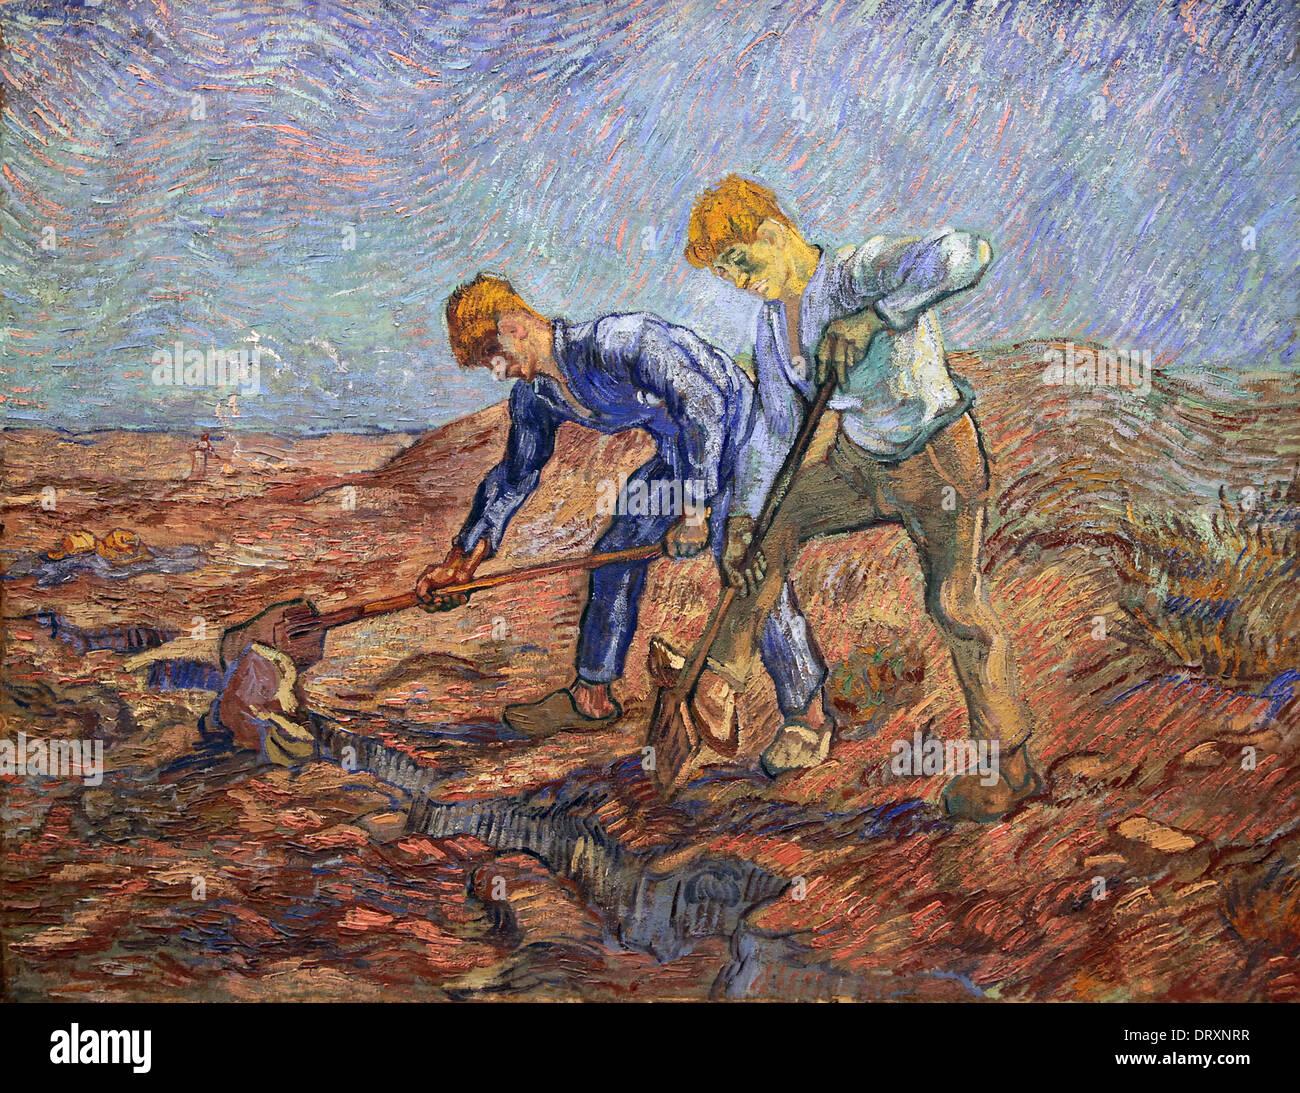 Vincent van Gogh.1889.Two peasants digging.Les Bêcheurs. - Stock Image